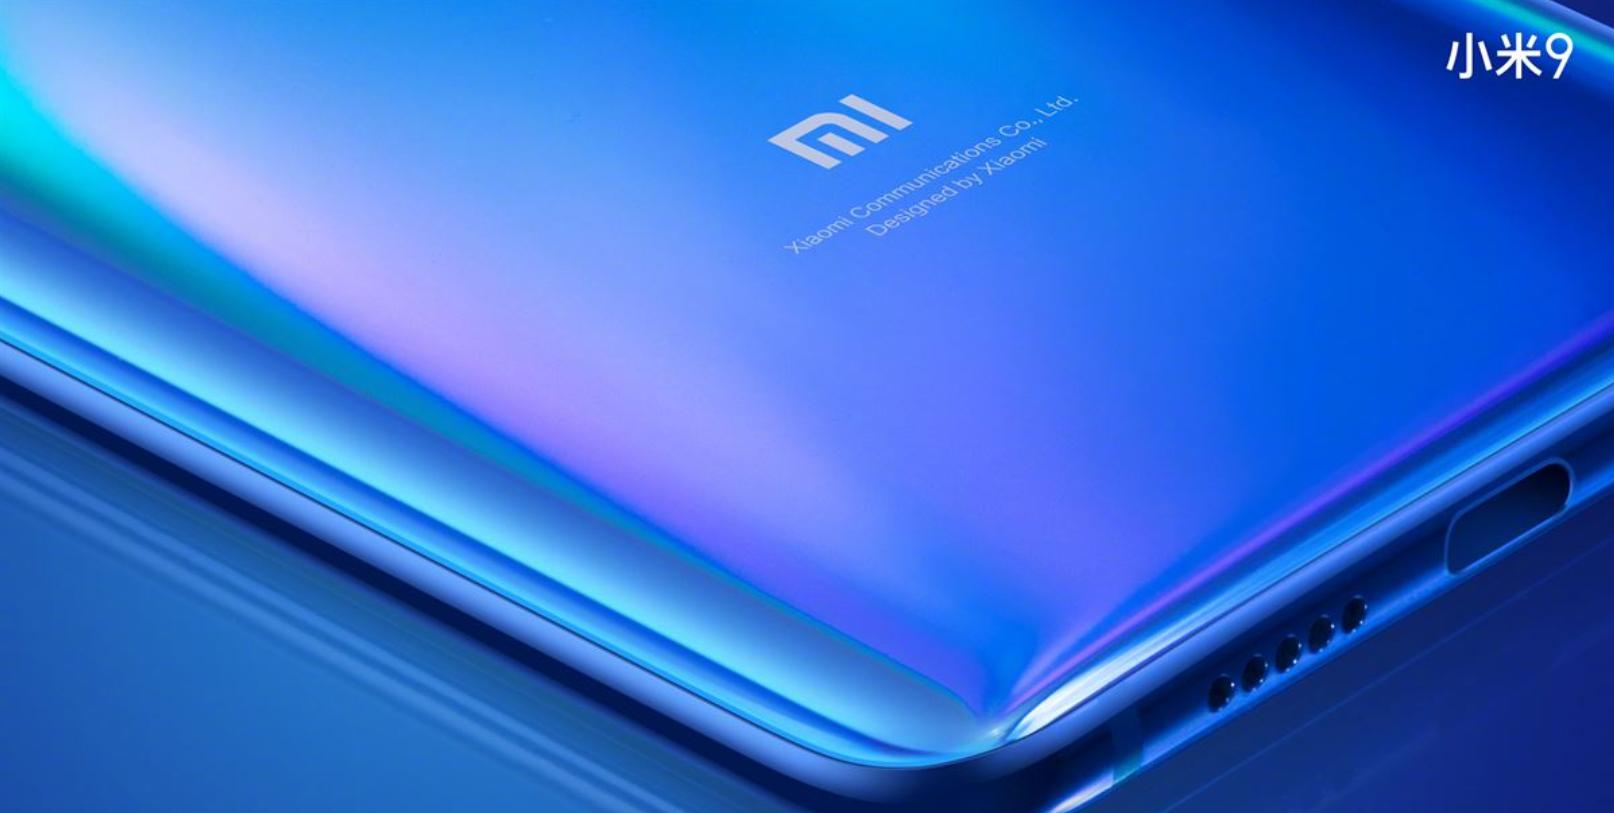 شیائومی می ۹ (Xiaomi Mi 9) در رنگ های گرادیانت متفاوت ببینید